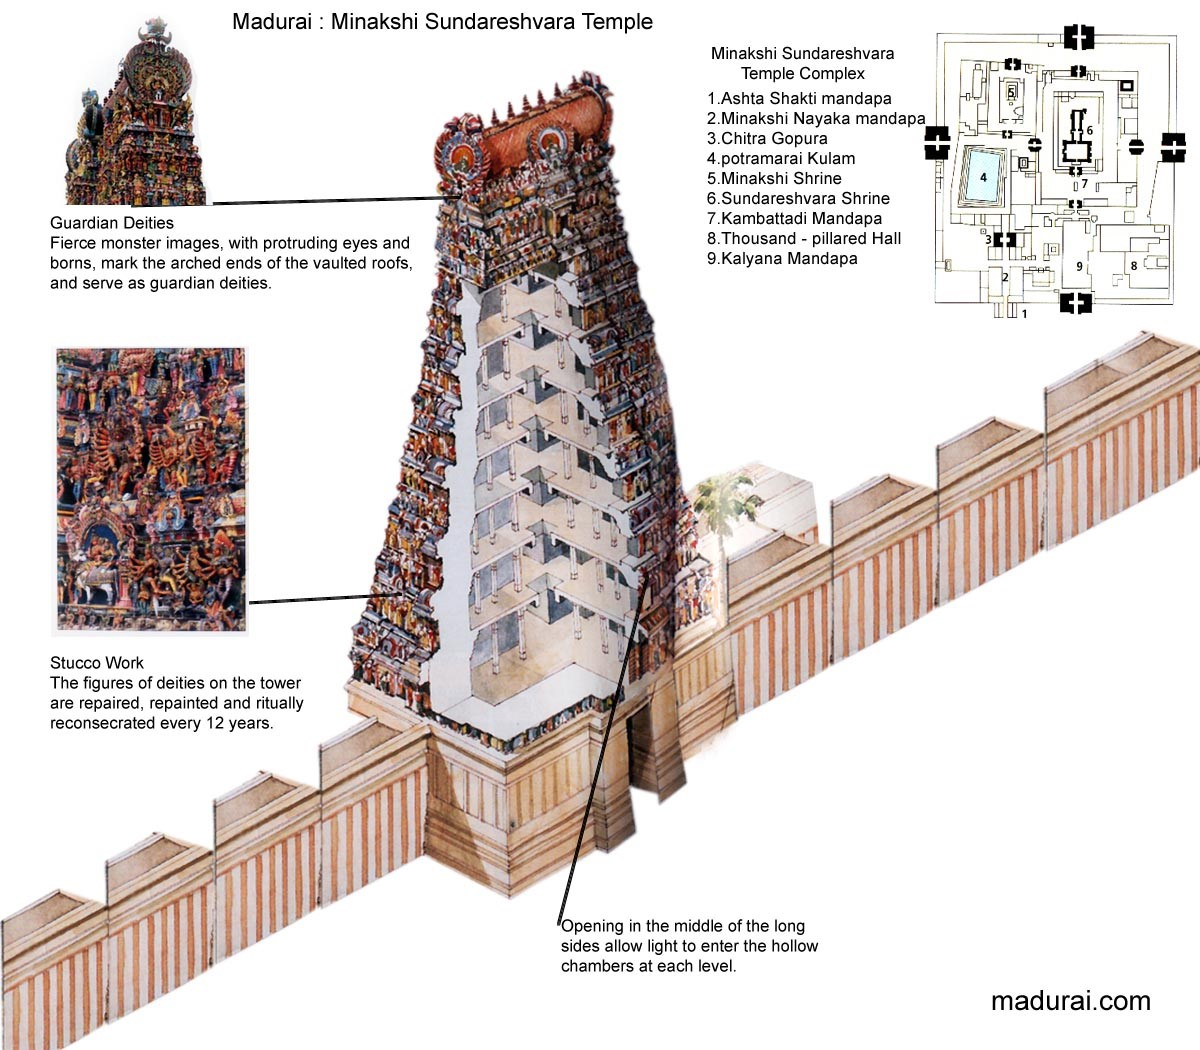 Восхитительный Храм Минакши поражал всех, кто когда-либо его видел, не делая исключений. А как он вам?